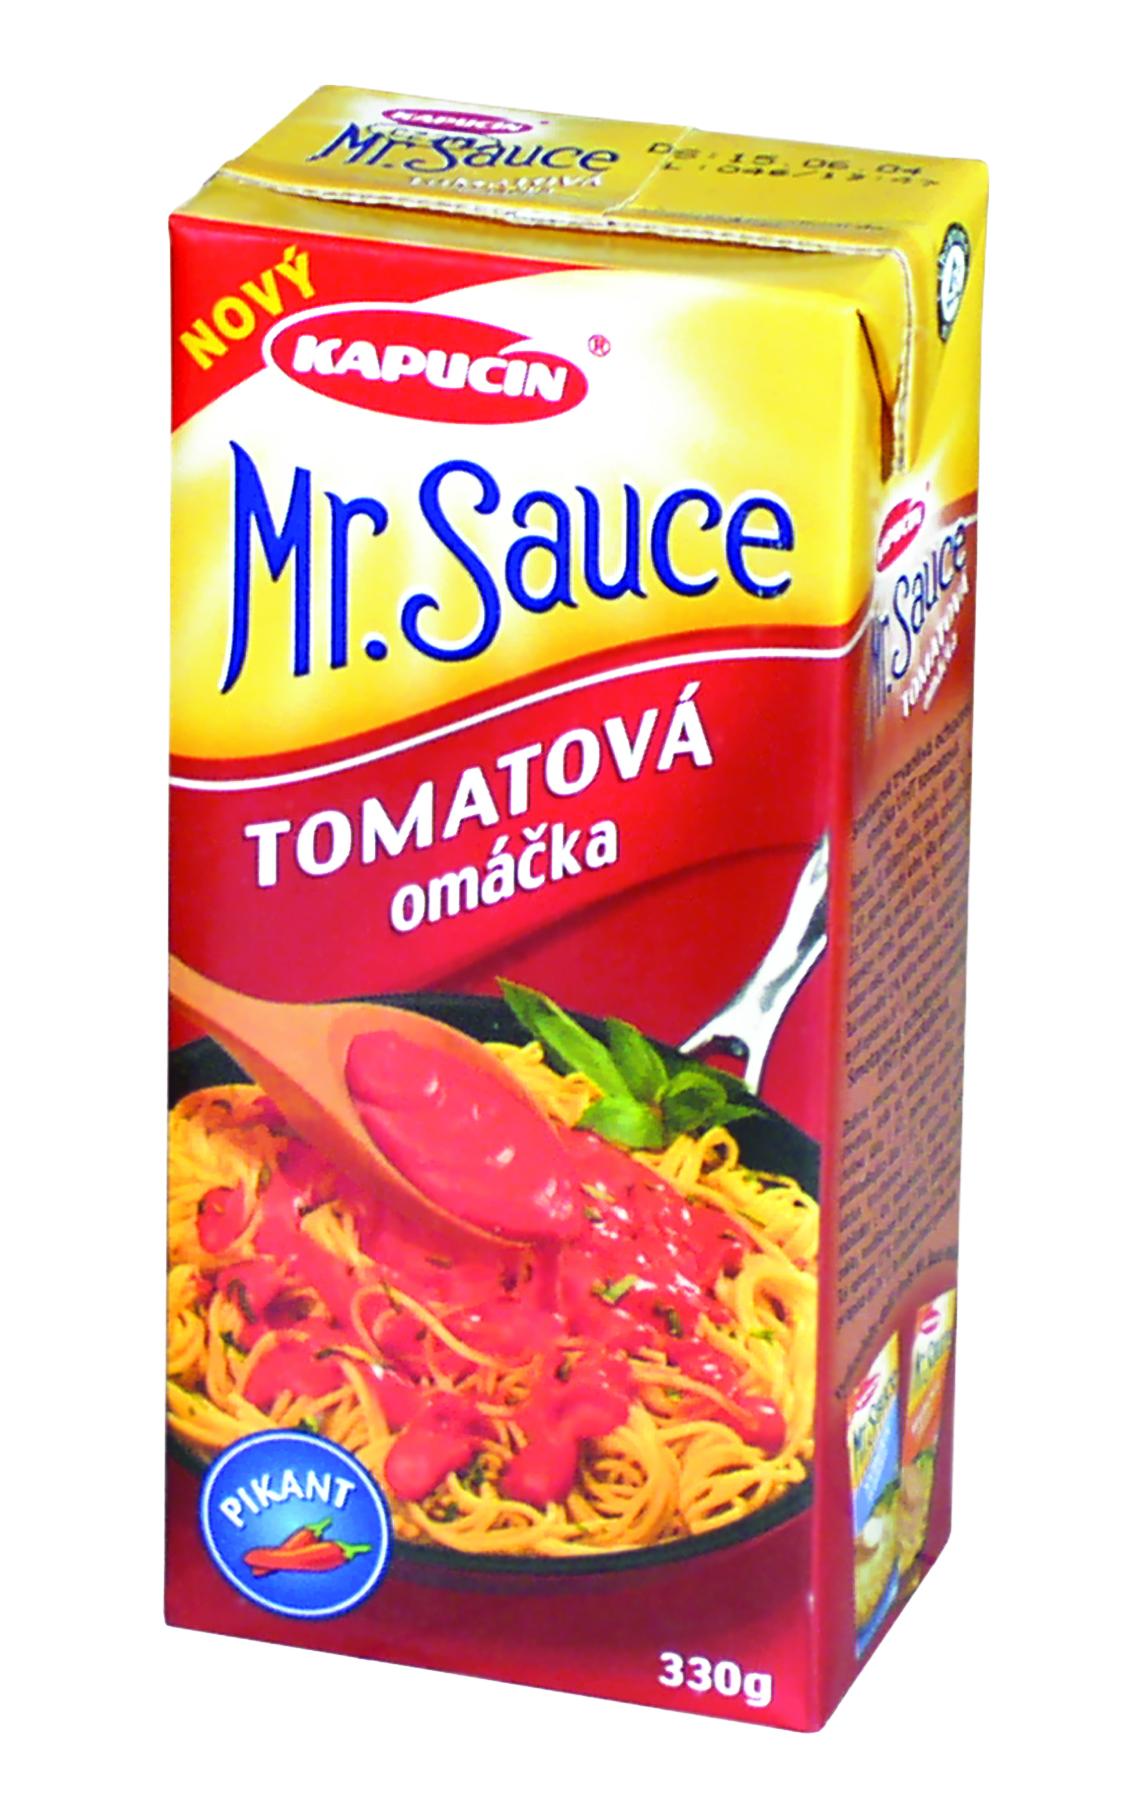 Značka Tomatová omáčka